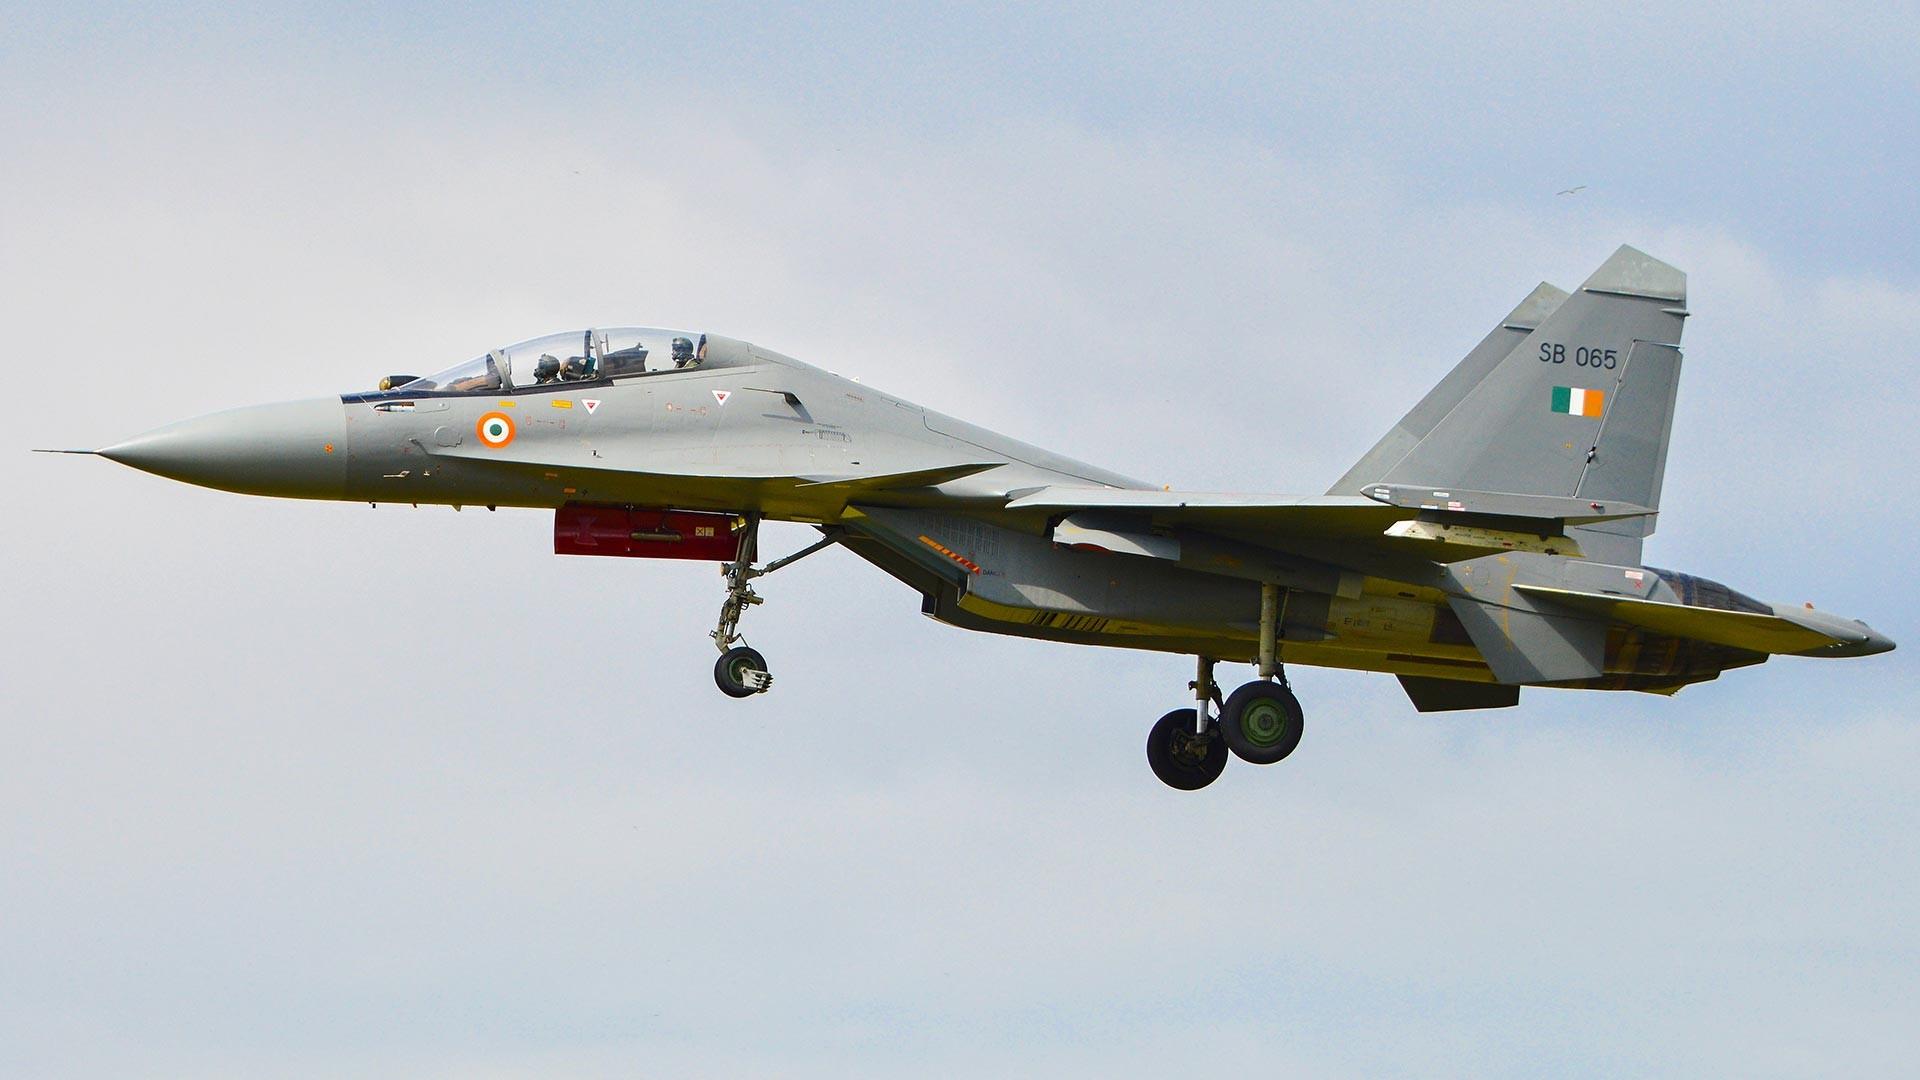 An Indian Air Force Su-30MKI